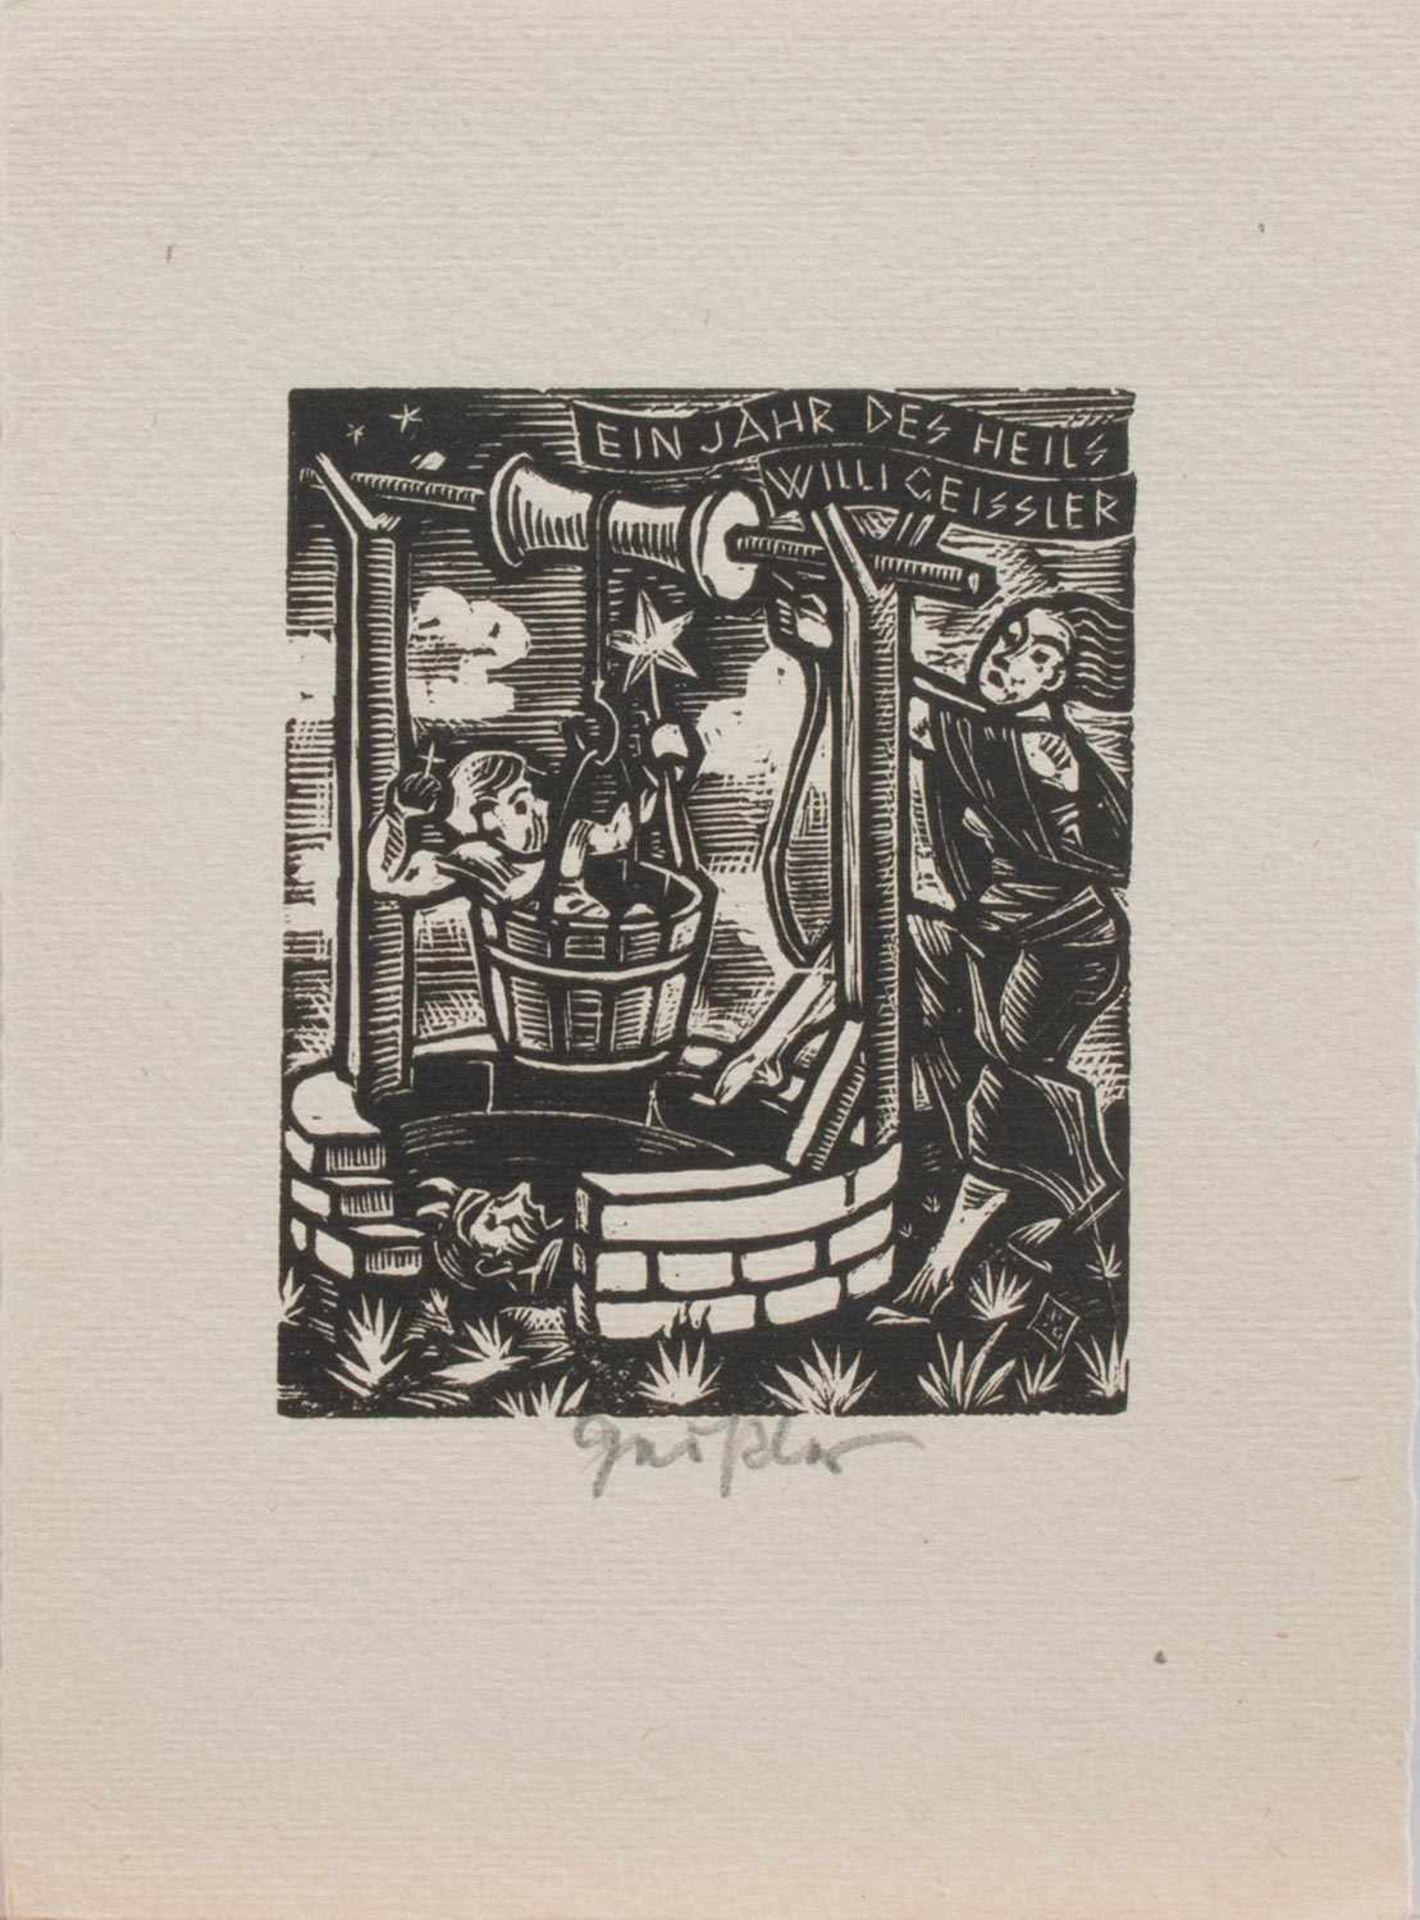 Wilhelm Geißler (Hamm 1895 - 1977 Wuppertal, deutscher Grafiker u. Maler, Studium a. d. HS f. Grafik